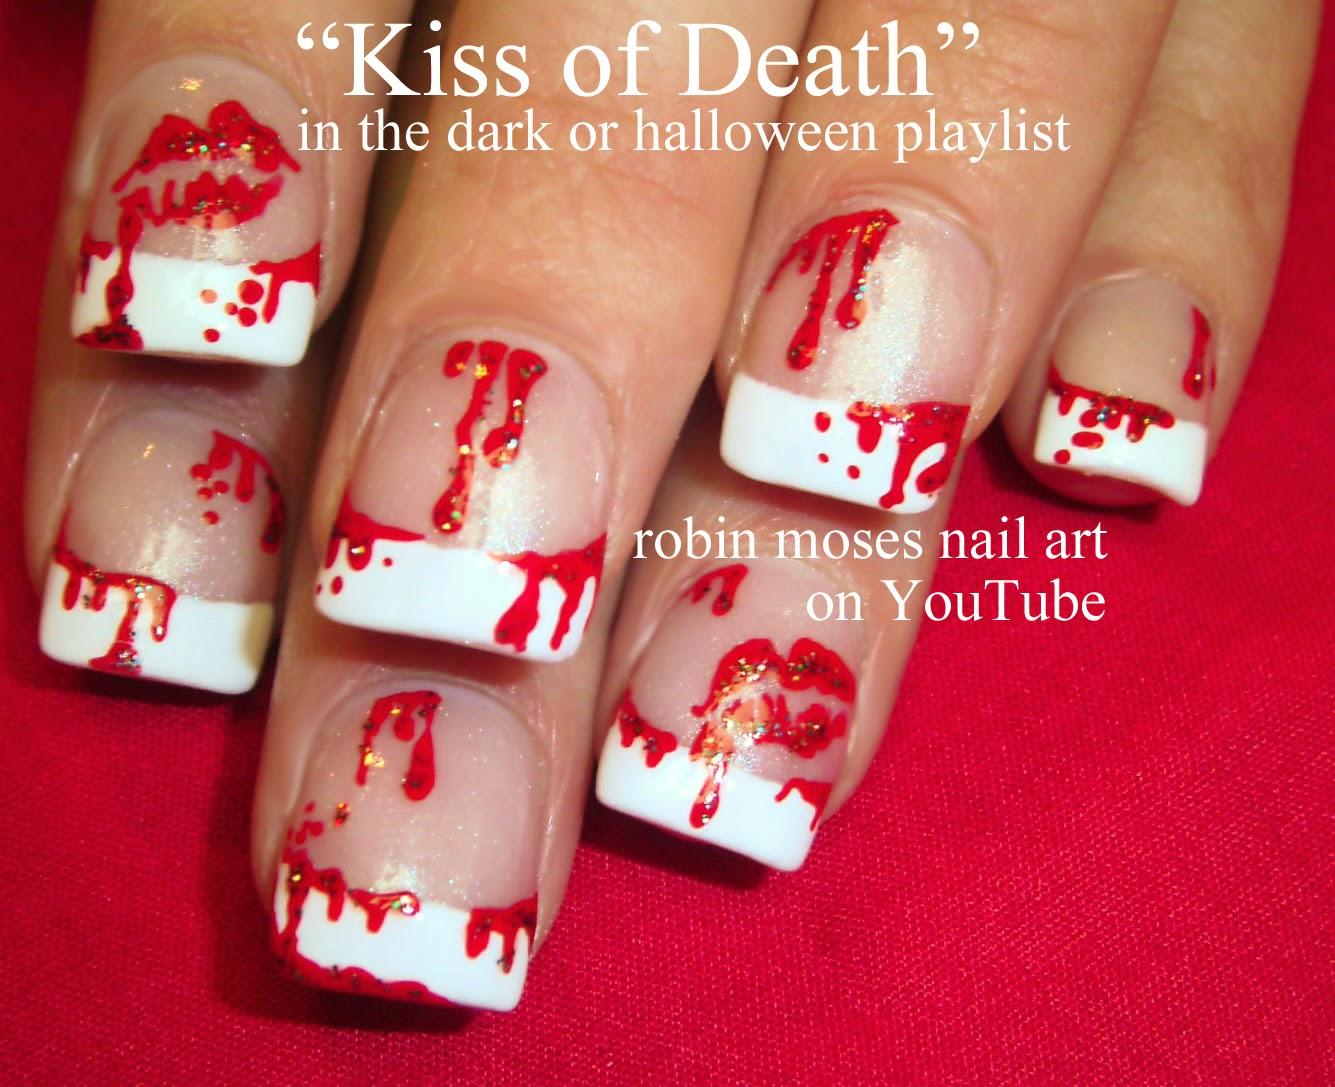 Robin moses nail art halloween nails scary nail art scary halloween barbie nails dead barbie nails robin moses nail art design tutorial prinsesfo Images